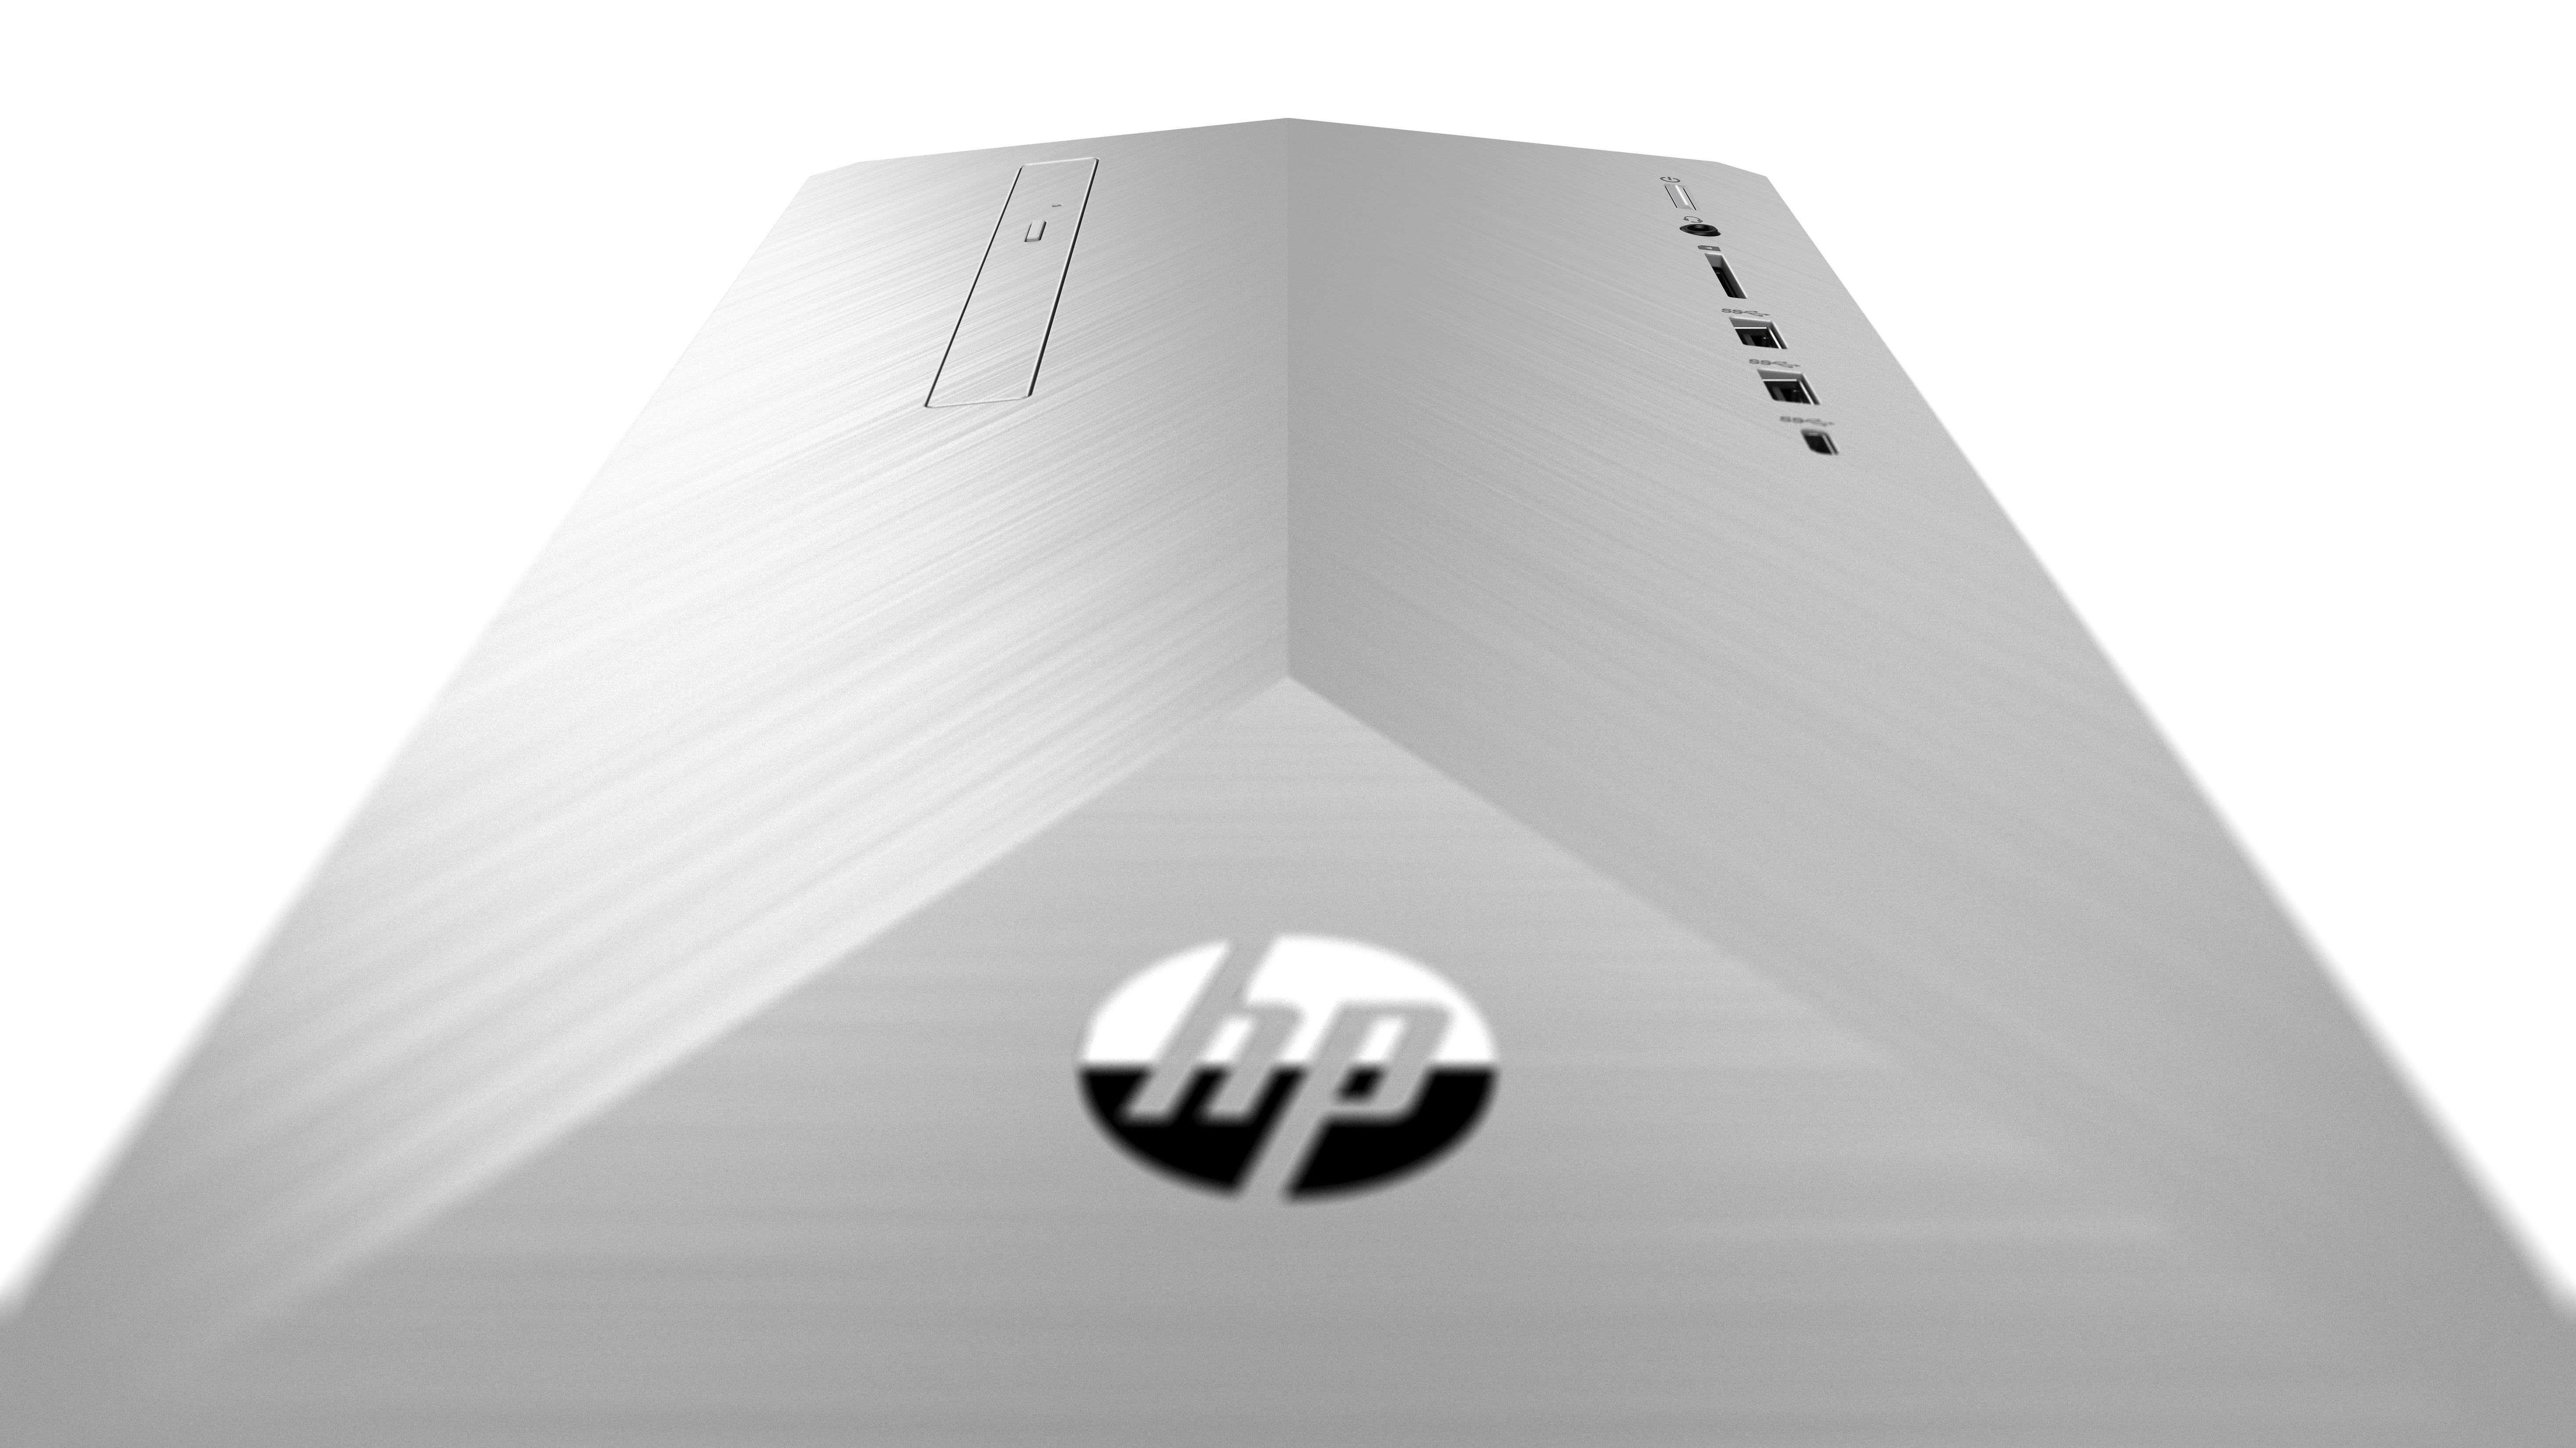 HP 595-p0013nc ryzen5-2600/16GB/1TB+256S/ATI/DVD/2RServis/W10